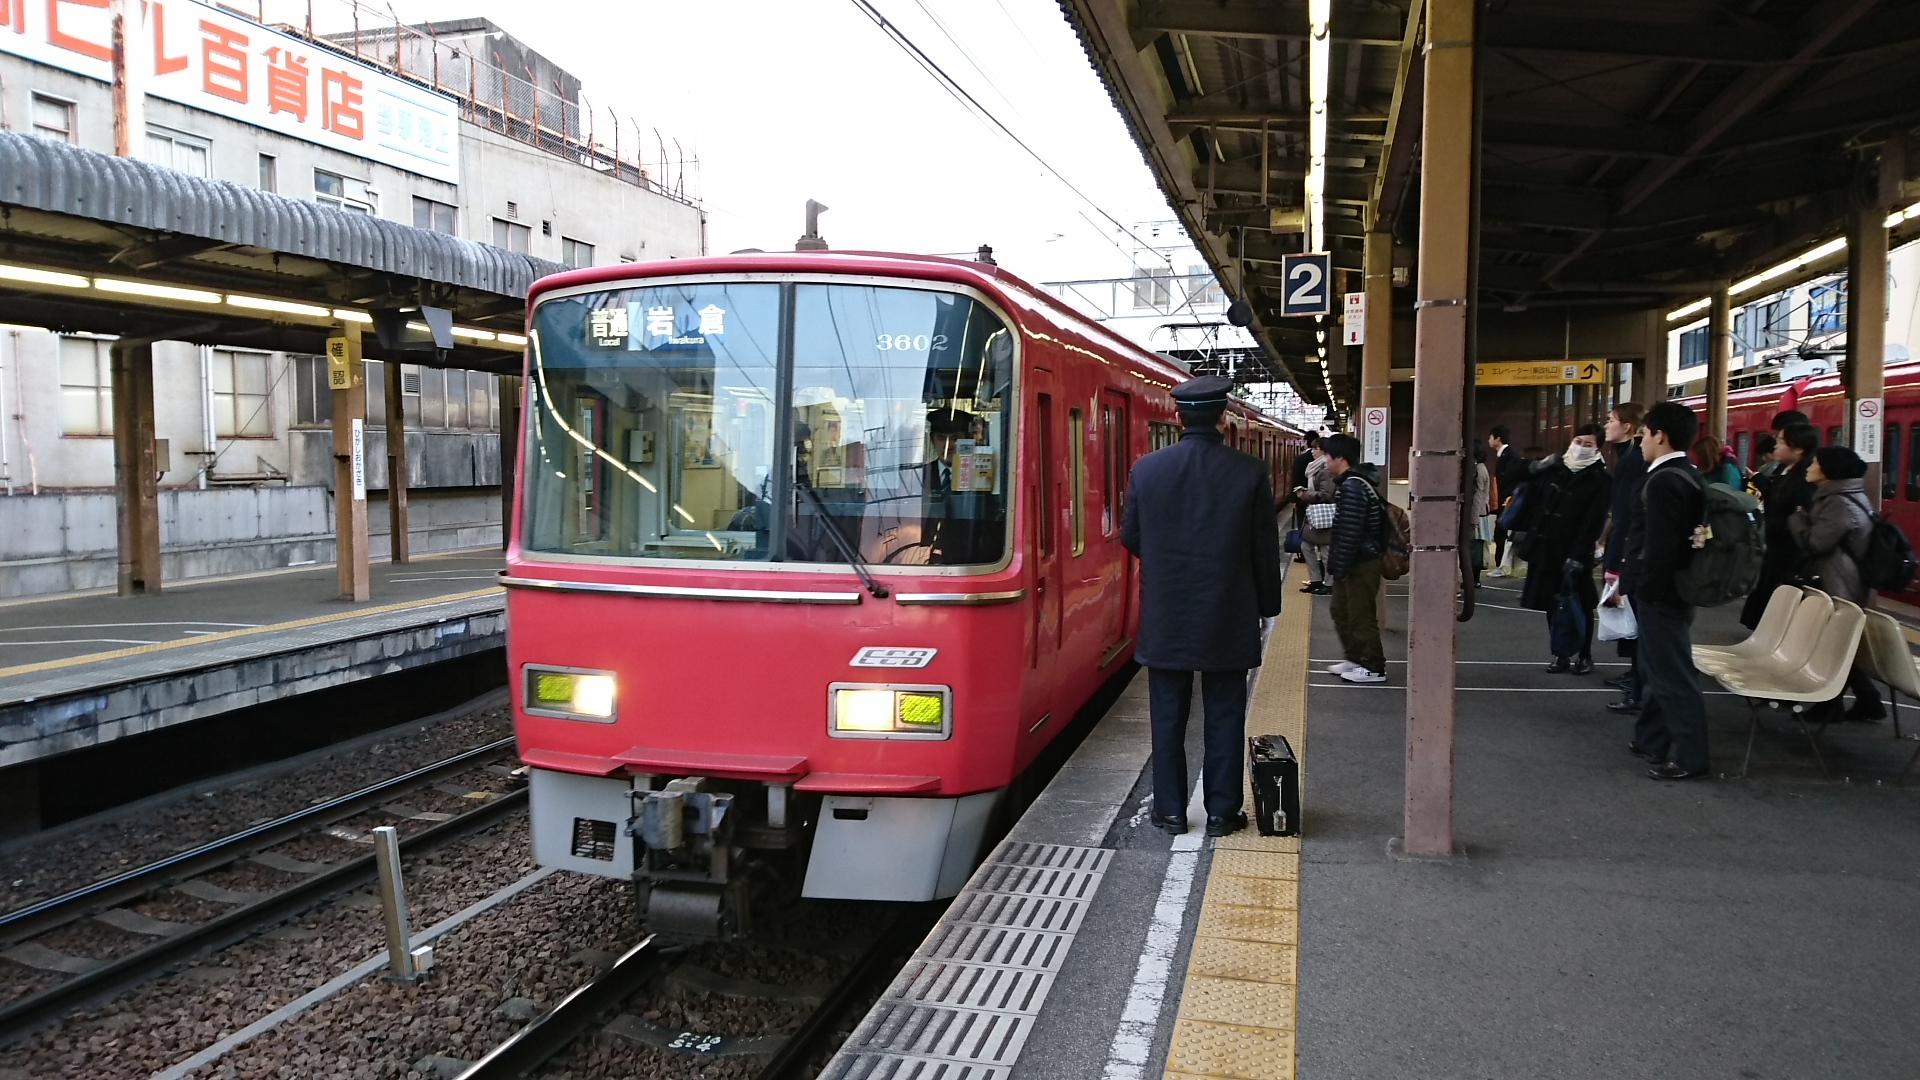 2017.1.12 (67) 東岡崎 - 岩倉いきふつう 1920-1080